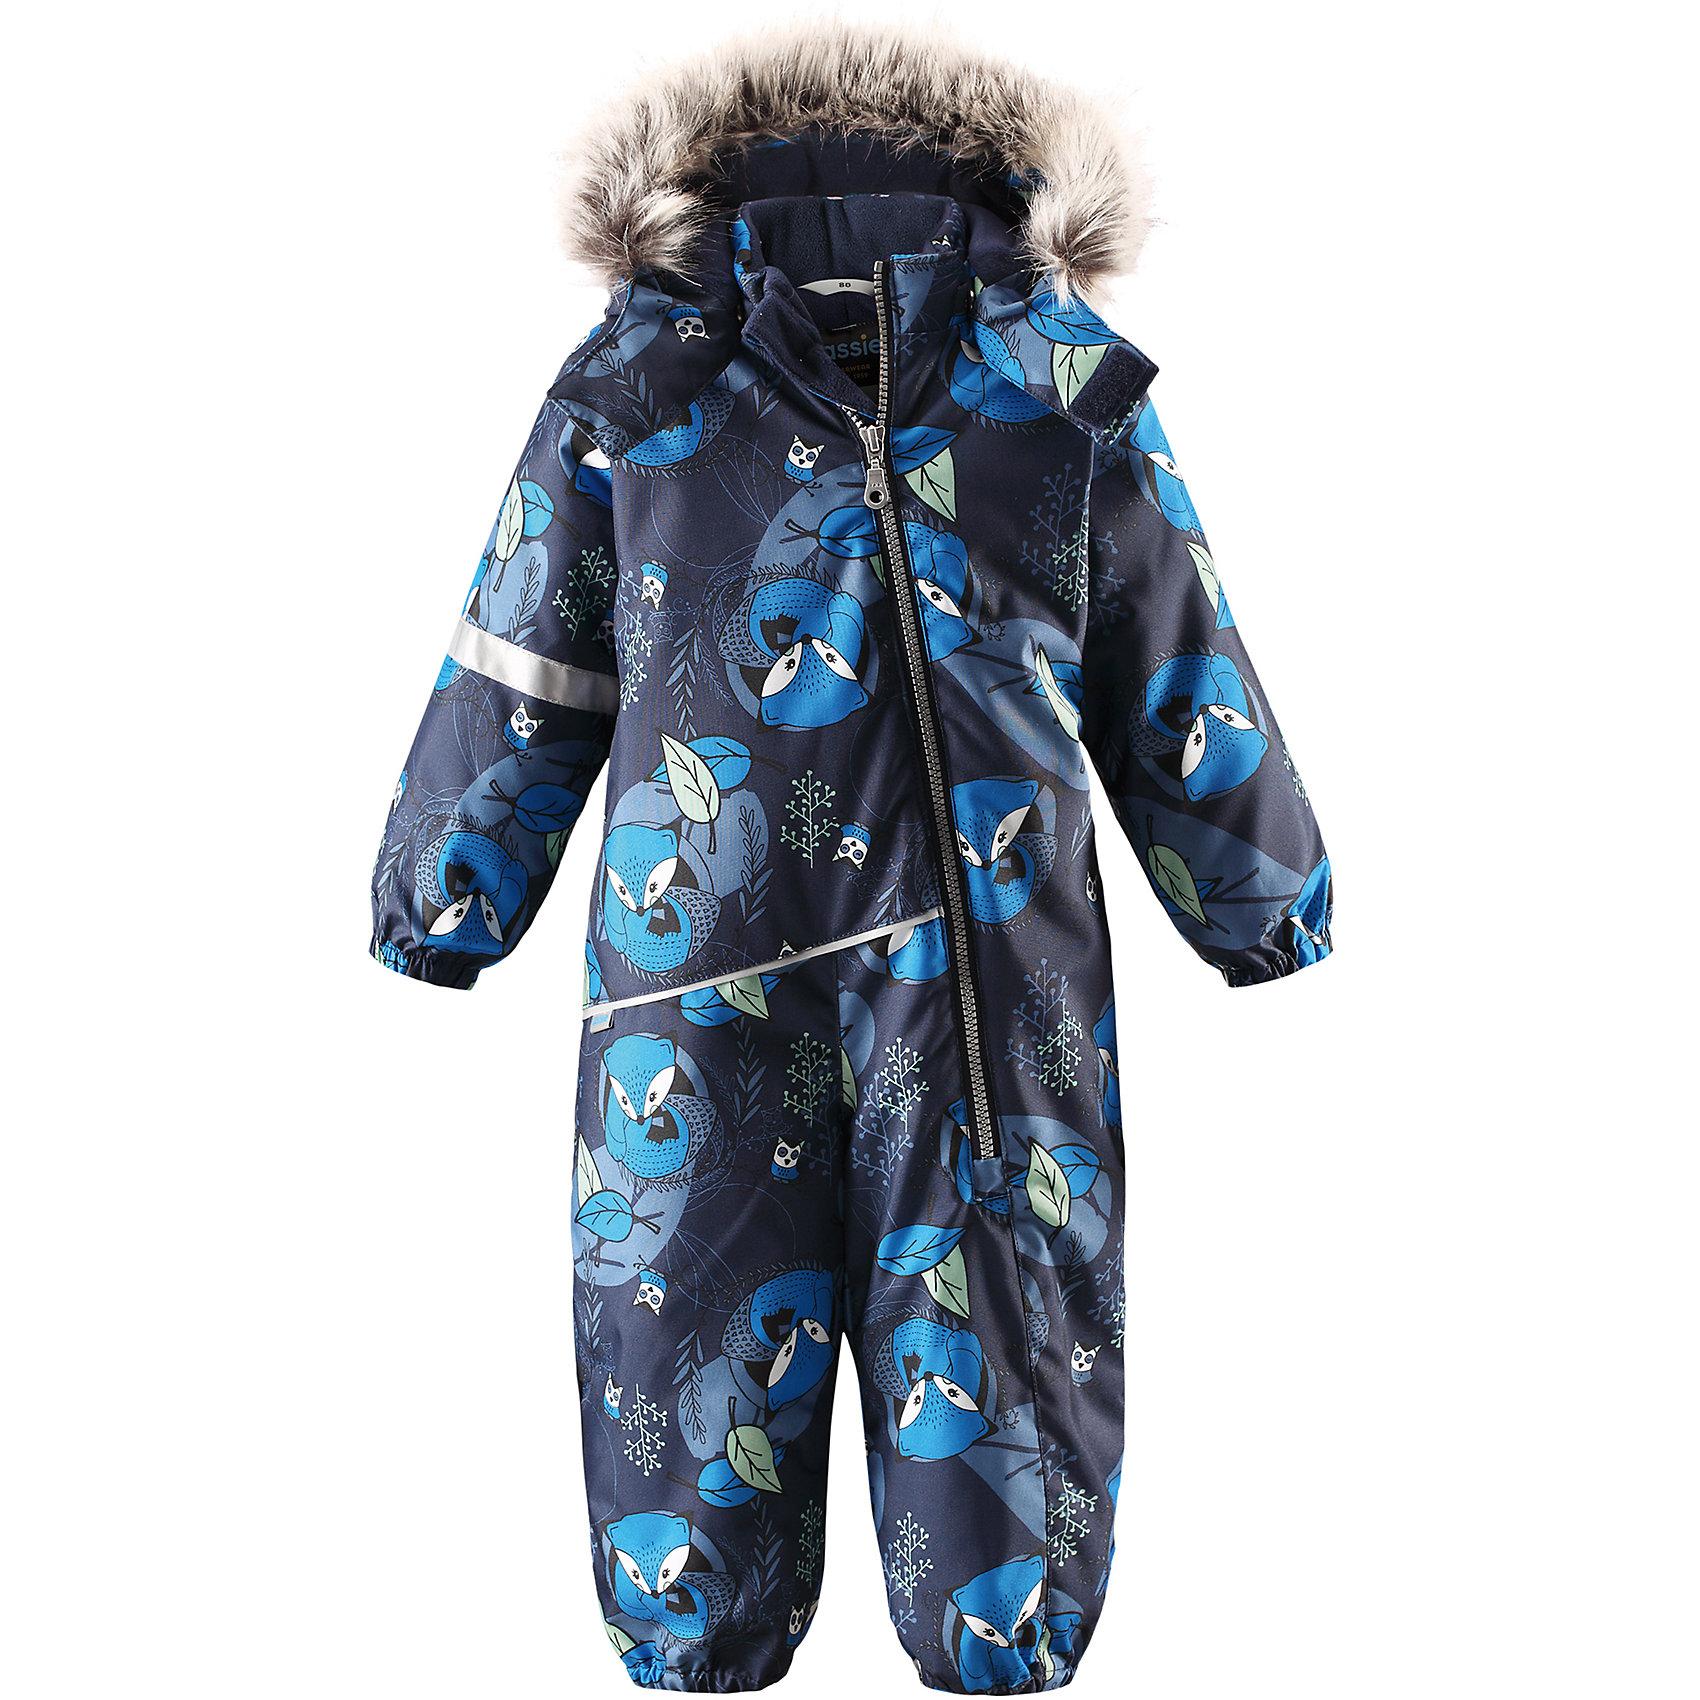 Комбинезон LassieОдежда<br>Характеристики товара:<br><br>• цвет: синий;<br>• состав: 100% полиэстер, полиуретановое покрытие;<br>• подкладка: 100% полиэстер;<br>• утеплитель: 180 г/м2;<br>• сезон: зима;<br>• температурный режим: от 0 до -20С;<br>• водонепроницаемость: 1000 мм;<br>• воздухопроницаемость: 1000 мм;<br>• износостойкость: 50000 циклов (тест Мартиндейла)<br>• застежка: молния с защитой подбородка;<br>• водоотталкивающий, ветронепроницаемый и дышащий материал;<br>• сверхпрочный материал;<br>• гладкая подкладка из полиэстера;<br>• безопасный съемный капюшон;<br>• съемный искусственный мех на капюшоне;<br>• эластичные манжеты; <br>• эластичные штанины;<br>• съемные эластичные штрипки;<br>• светоотражающие детали;<br>• страна бренда: Финляндия;<br>• страна изготовитель: Китай;<br><br>Этот красивый комбинезон для малышей исполнен волшебного духа зимы, но при этом очень практичен. Длинная молния спереди облегчает надевание, а съемные штрипки не дают концам брючин задираться. Комбинезон изготовлен из прочного, ветронепроницаемого и дышащего материала с верхним водо- и грязеотталкивающим слоем, он обеспечивает полный комфорт во время веселых прогулок. Задний средний шов проклеен, водонепроницаем. Безопасный съемный капюшон со стильной оторочкой из искусственного меха оживляет зимний образ!<br><br><br>Комбинезон Lassie (Ласси) можно купить в нашем интернет-магазине.<br><br>Ширина мм: 356<br>Глубина мм: 10<br>Высота мм: 245<br>Вес г: 519<br>Цвет: синий<br>Возраст от месяцев: 24<br>Возраст до месяцев: 36<br>Пол: Унисекс<br>Возраст: Детский<br>Размер: 98,74,80,86,92<br>SKU: 6905370